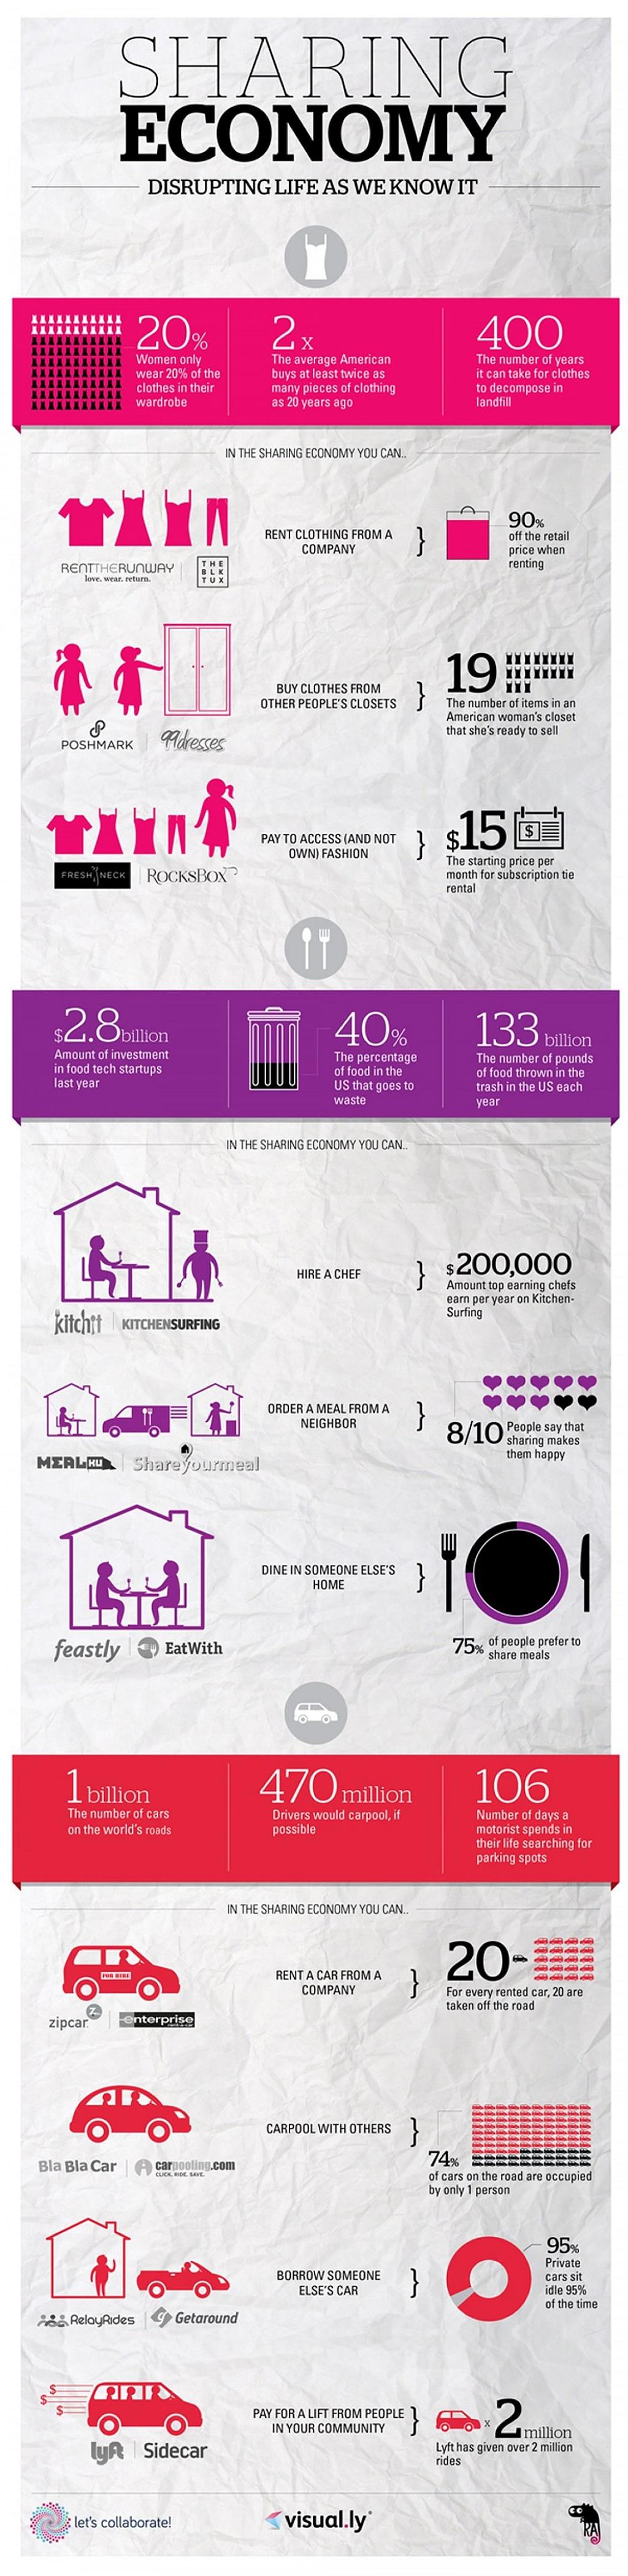 Mode, Mobilität, Food – Wo die Sharing Economy schon Realität ist [Infografik]